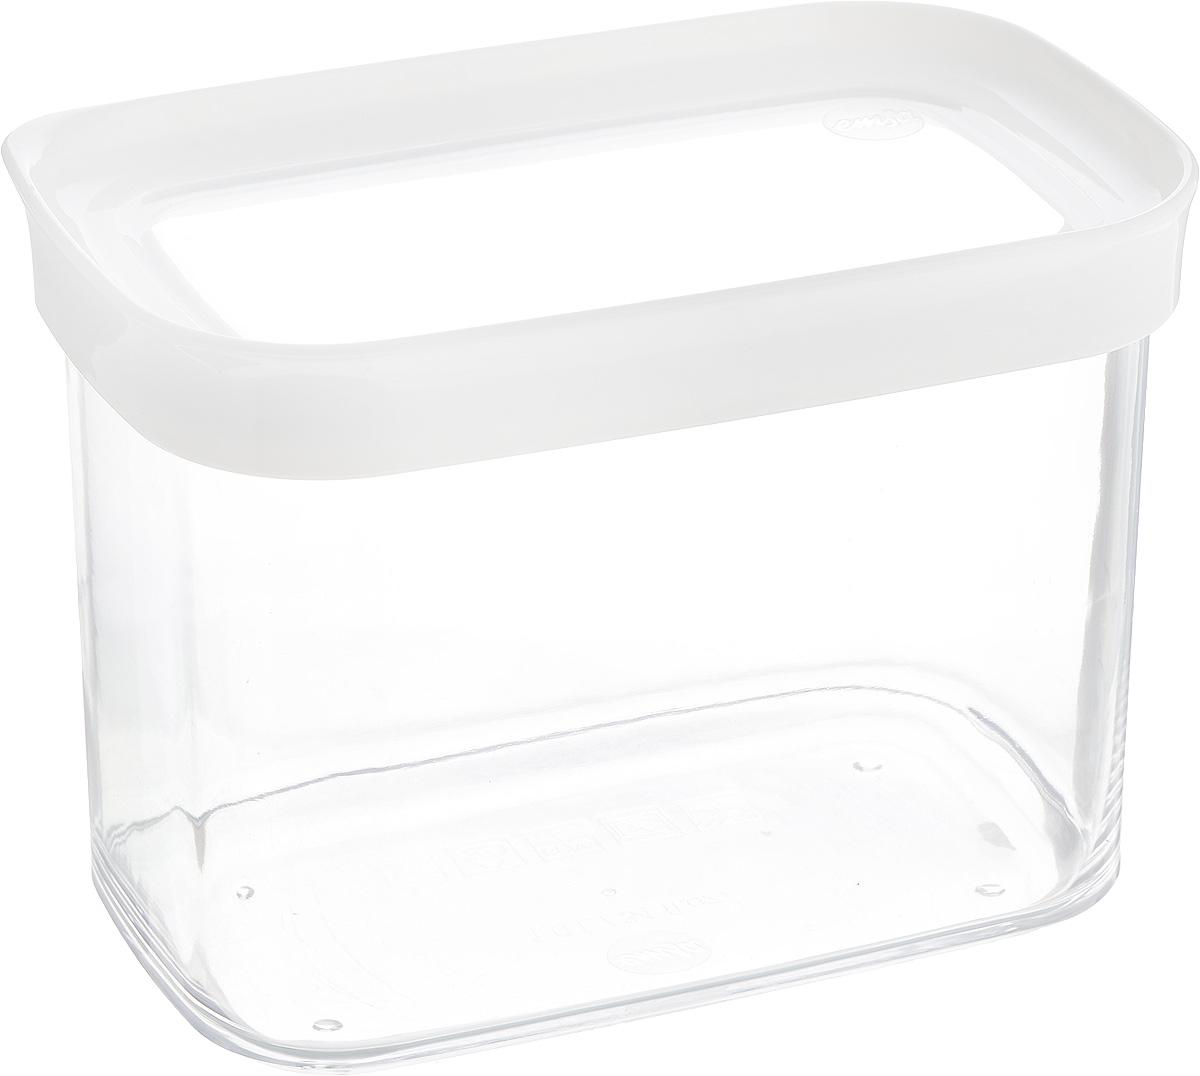 Контейнер для сыпучих продуктов Emsa Optima, 1 л контейнер для сыпучих продуктов emsa optima 2 8 л 515006